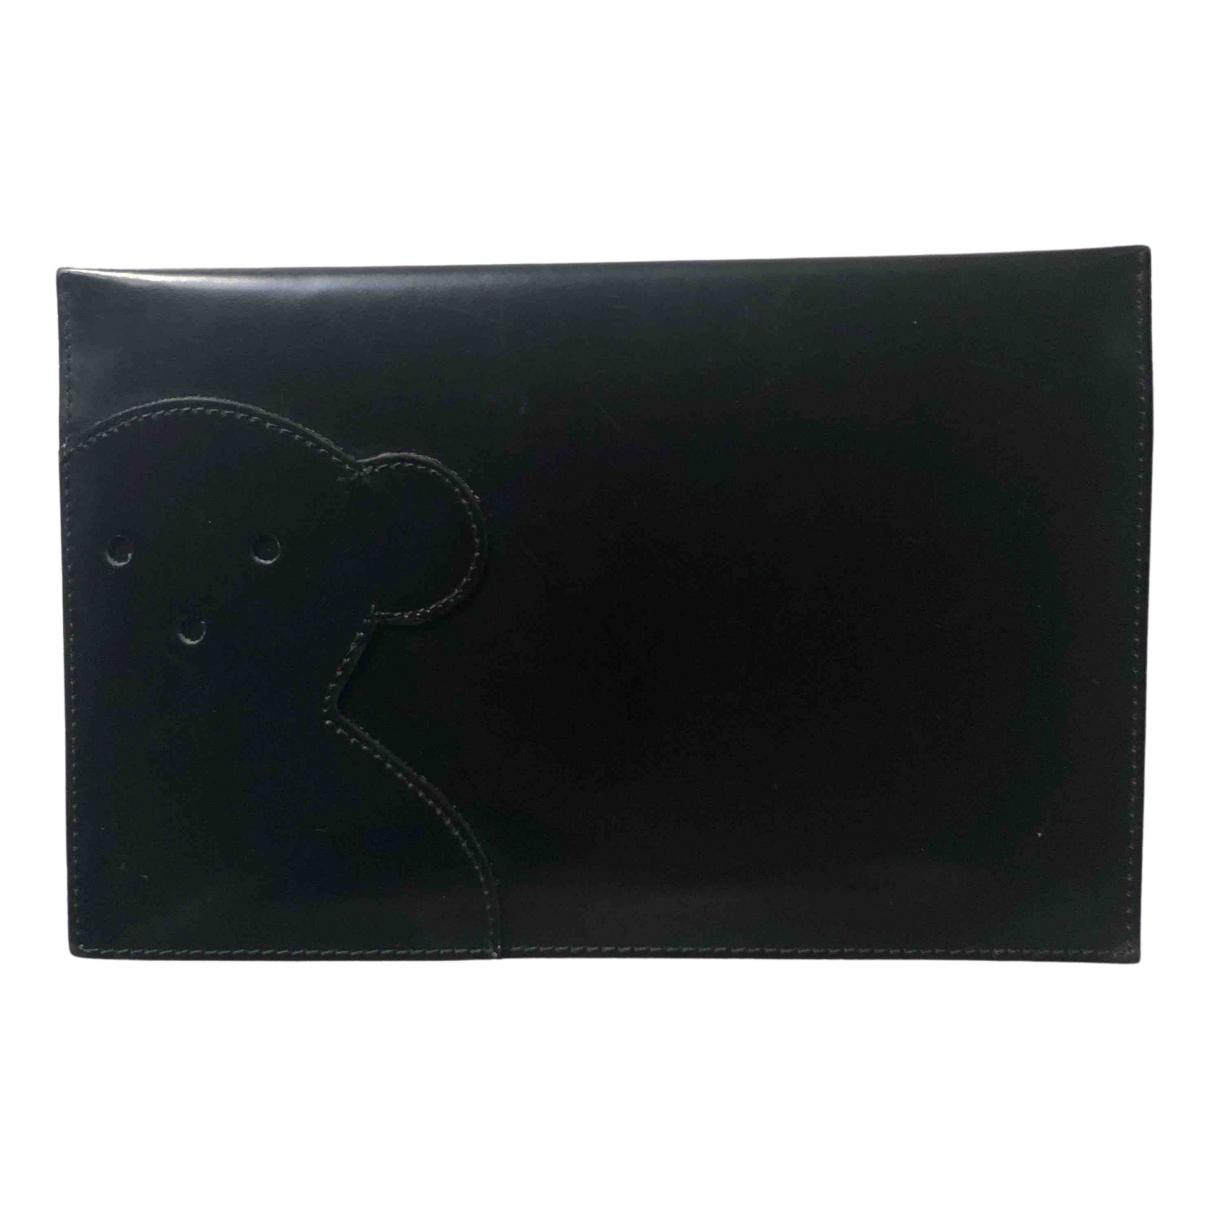 Atelier Tous - Pochette   pour femme en cuir - noir